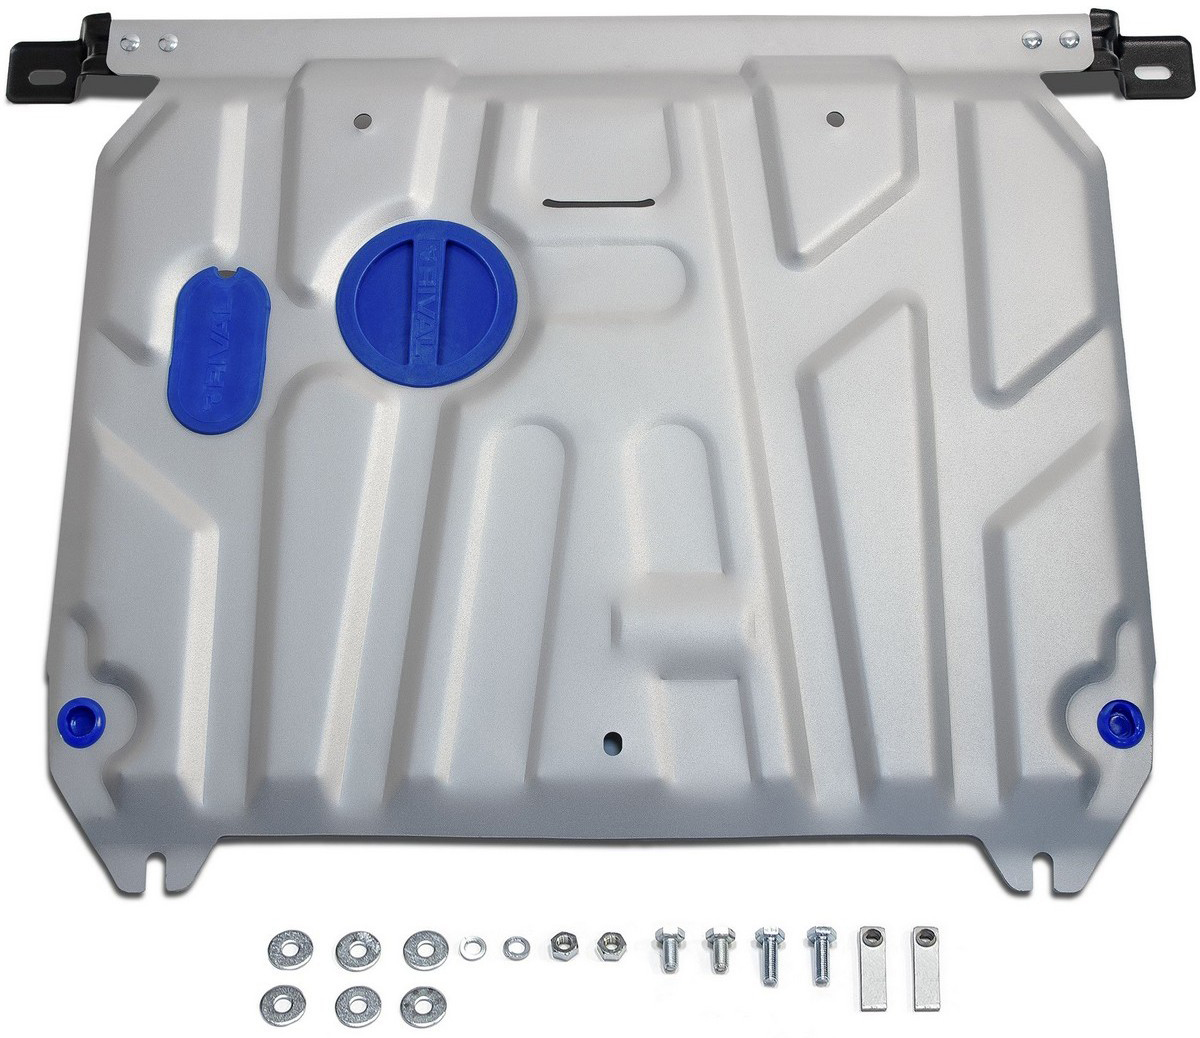 Защита картера и КПП Rival для Hyundai Solaris 2011-2016 / Kia Rio 2011-2017, алюминий 4 мм333.2343.1Защита картера и КПП Rival для Hyundai Solaris V - 1.4; 1.6 2011-2016/Kia Rio V - все 2011-2017, алюминий 4 мм, крепеж в комплекте, 333.2343.1Алюминиевые защиты Rival надежно защищают днище вашего автомобиля от повреждений, например при наезде на бордюры, а также выполняют эстетическую функцию при установке на высокие автомобили.- Толщина алюминиевых защит в 2 раза толще стальных, а вес при этом меньше до 30%.- Отлично отводит тепло от двигателя своей поверхностью, что спасает двигатель от перегрева в летний период или при высоких нагрузках.- В отличие от стальных, алюминиевые защиты не поддаются коррозии, что гарантирует срок службы защит более 5 лет.- Покрываются порошковой краской, что надолго сохраняет первоначальный вид новой защиты и защищает от гальванической коррозии.- Глубокий штамп дополнительно усиливает конструкцию защиты.- Подштамповка в местах крепления защищает крепеж от срезания.- Технологические отверстия там, где они необходимы для смены масла и слива воды, оборудованные заглушками, надежно закрепленными на защите.- Помимо основной функции защиты от удара, конструкция так же существенно снижает попадание в моторный отсек влаги и грязи.В комплекте инструкция по установке.Уважаемые клиенты!Обращаем ваше внимание, на тот факт, что защита имеет форму, соответствующую модели данного автомобиля. Наличие глубокого штампа и лючков для смены фильтров/масла предусмотрено не на всех защитах. Фото служит для визуального восприятия товара.